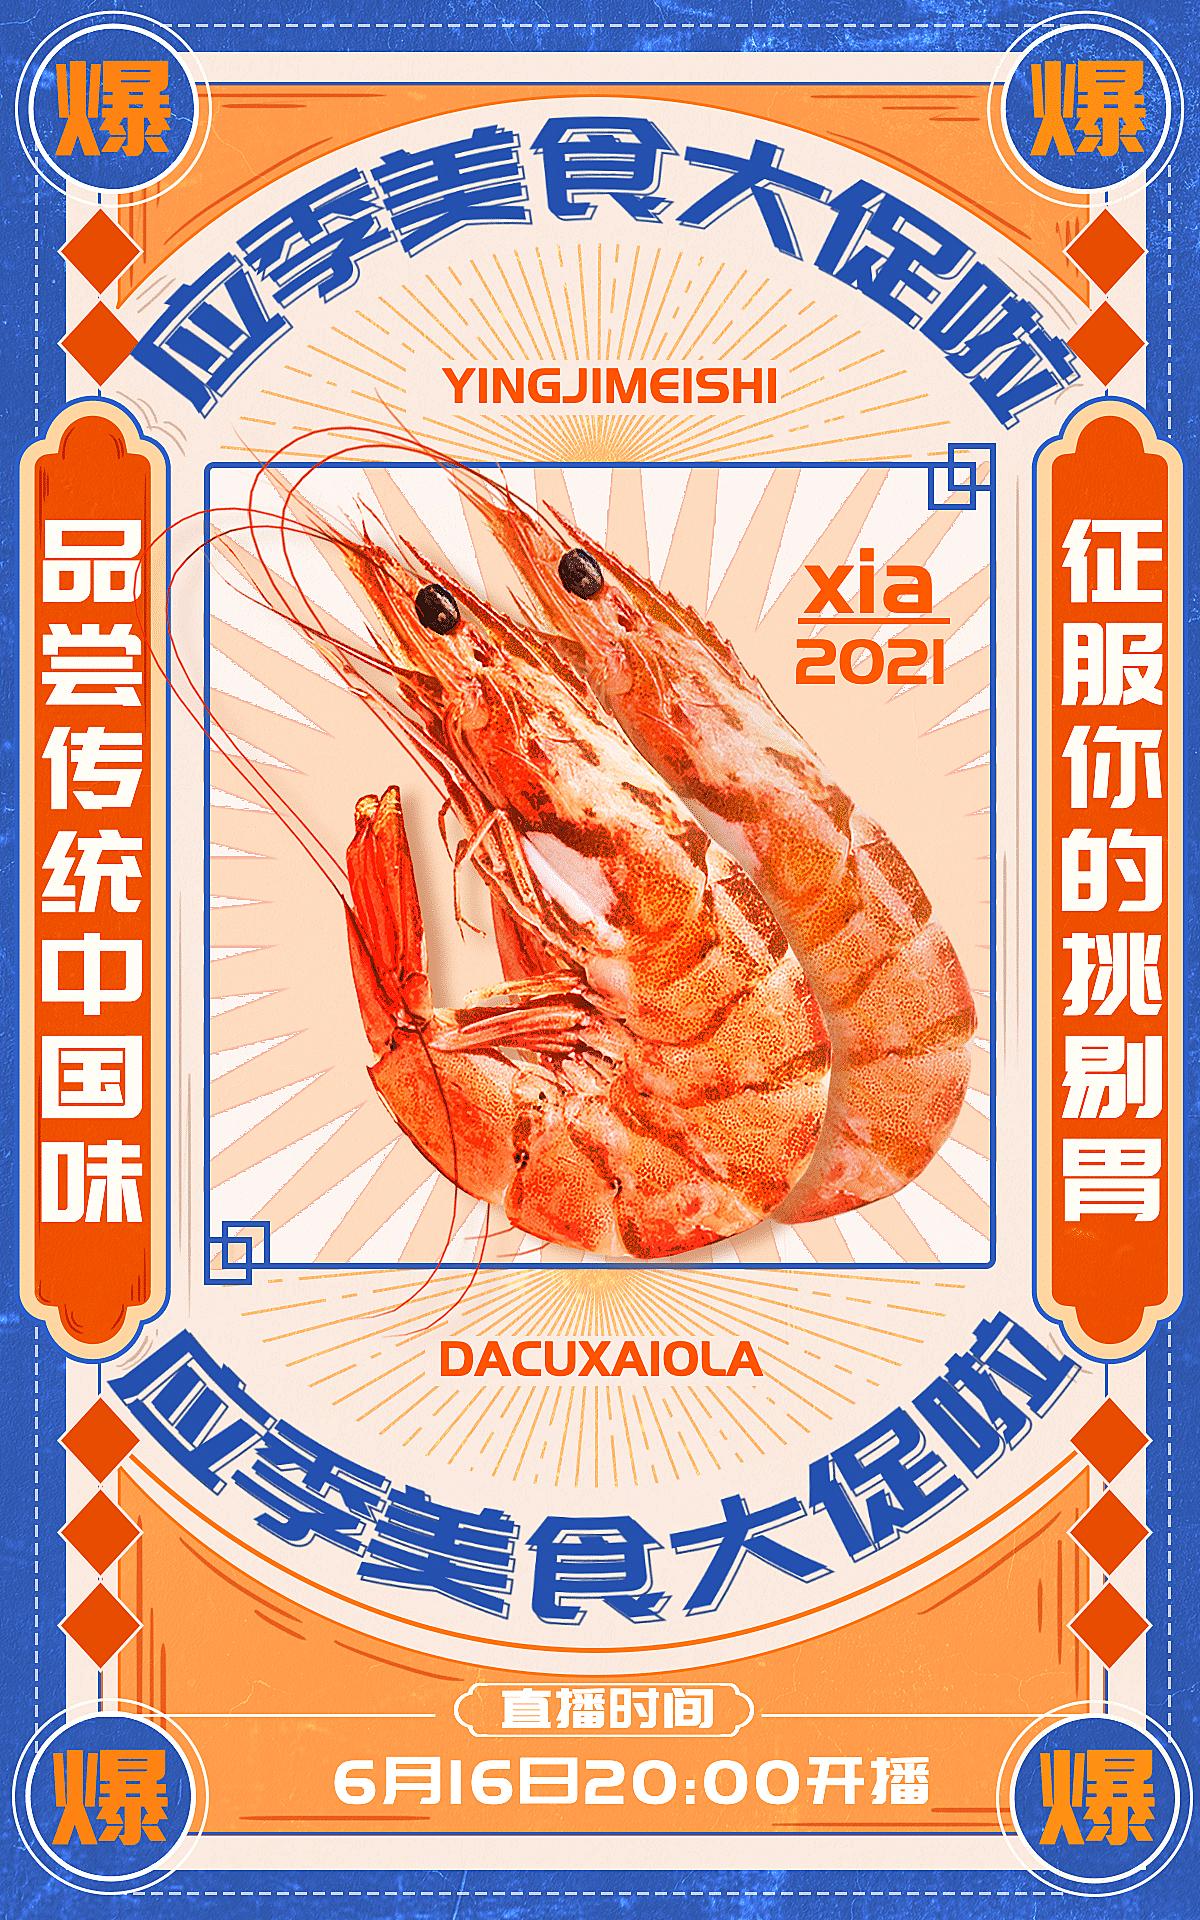 国潮618食品海鲜直播活动海报